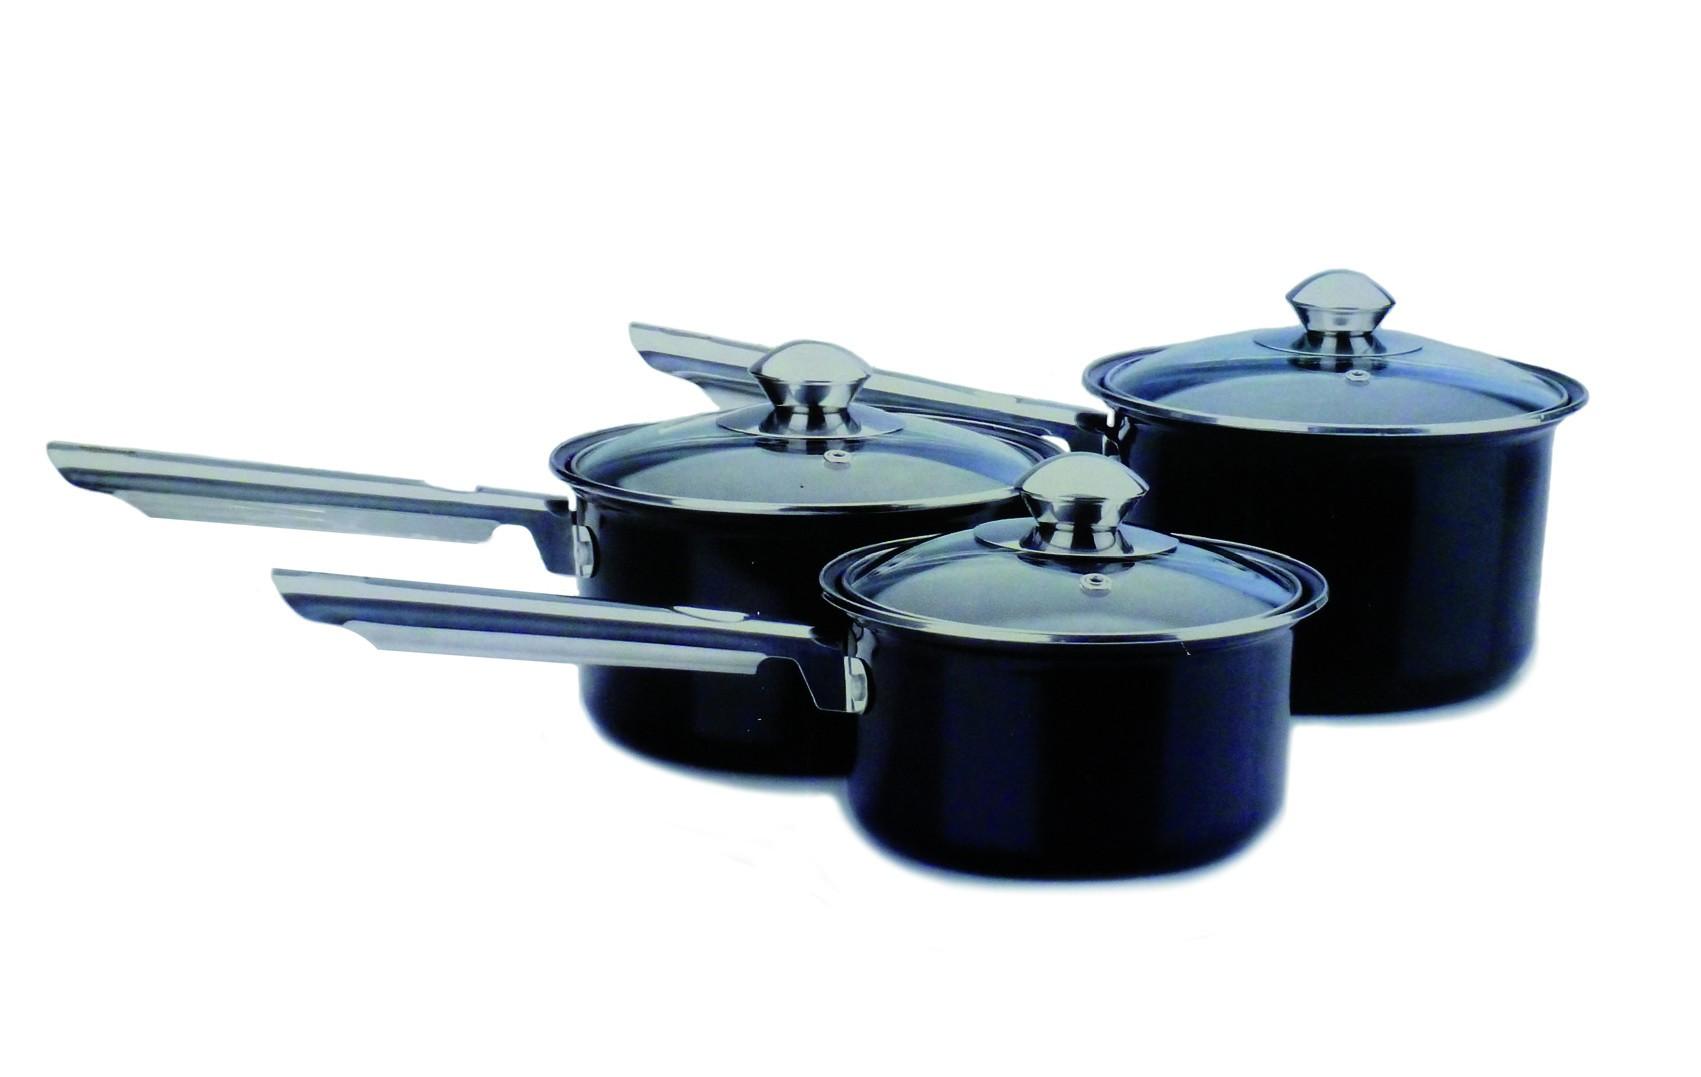 Batería de cocina 3 piezas